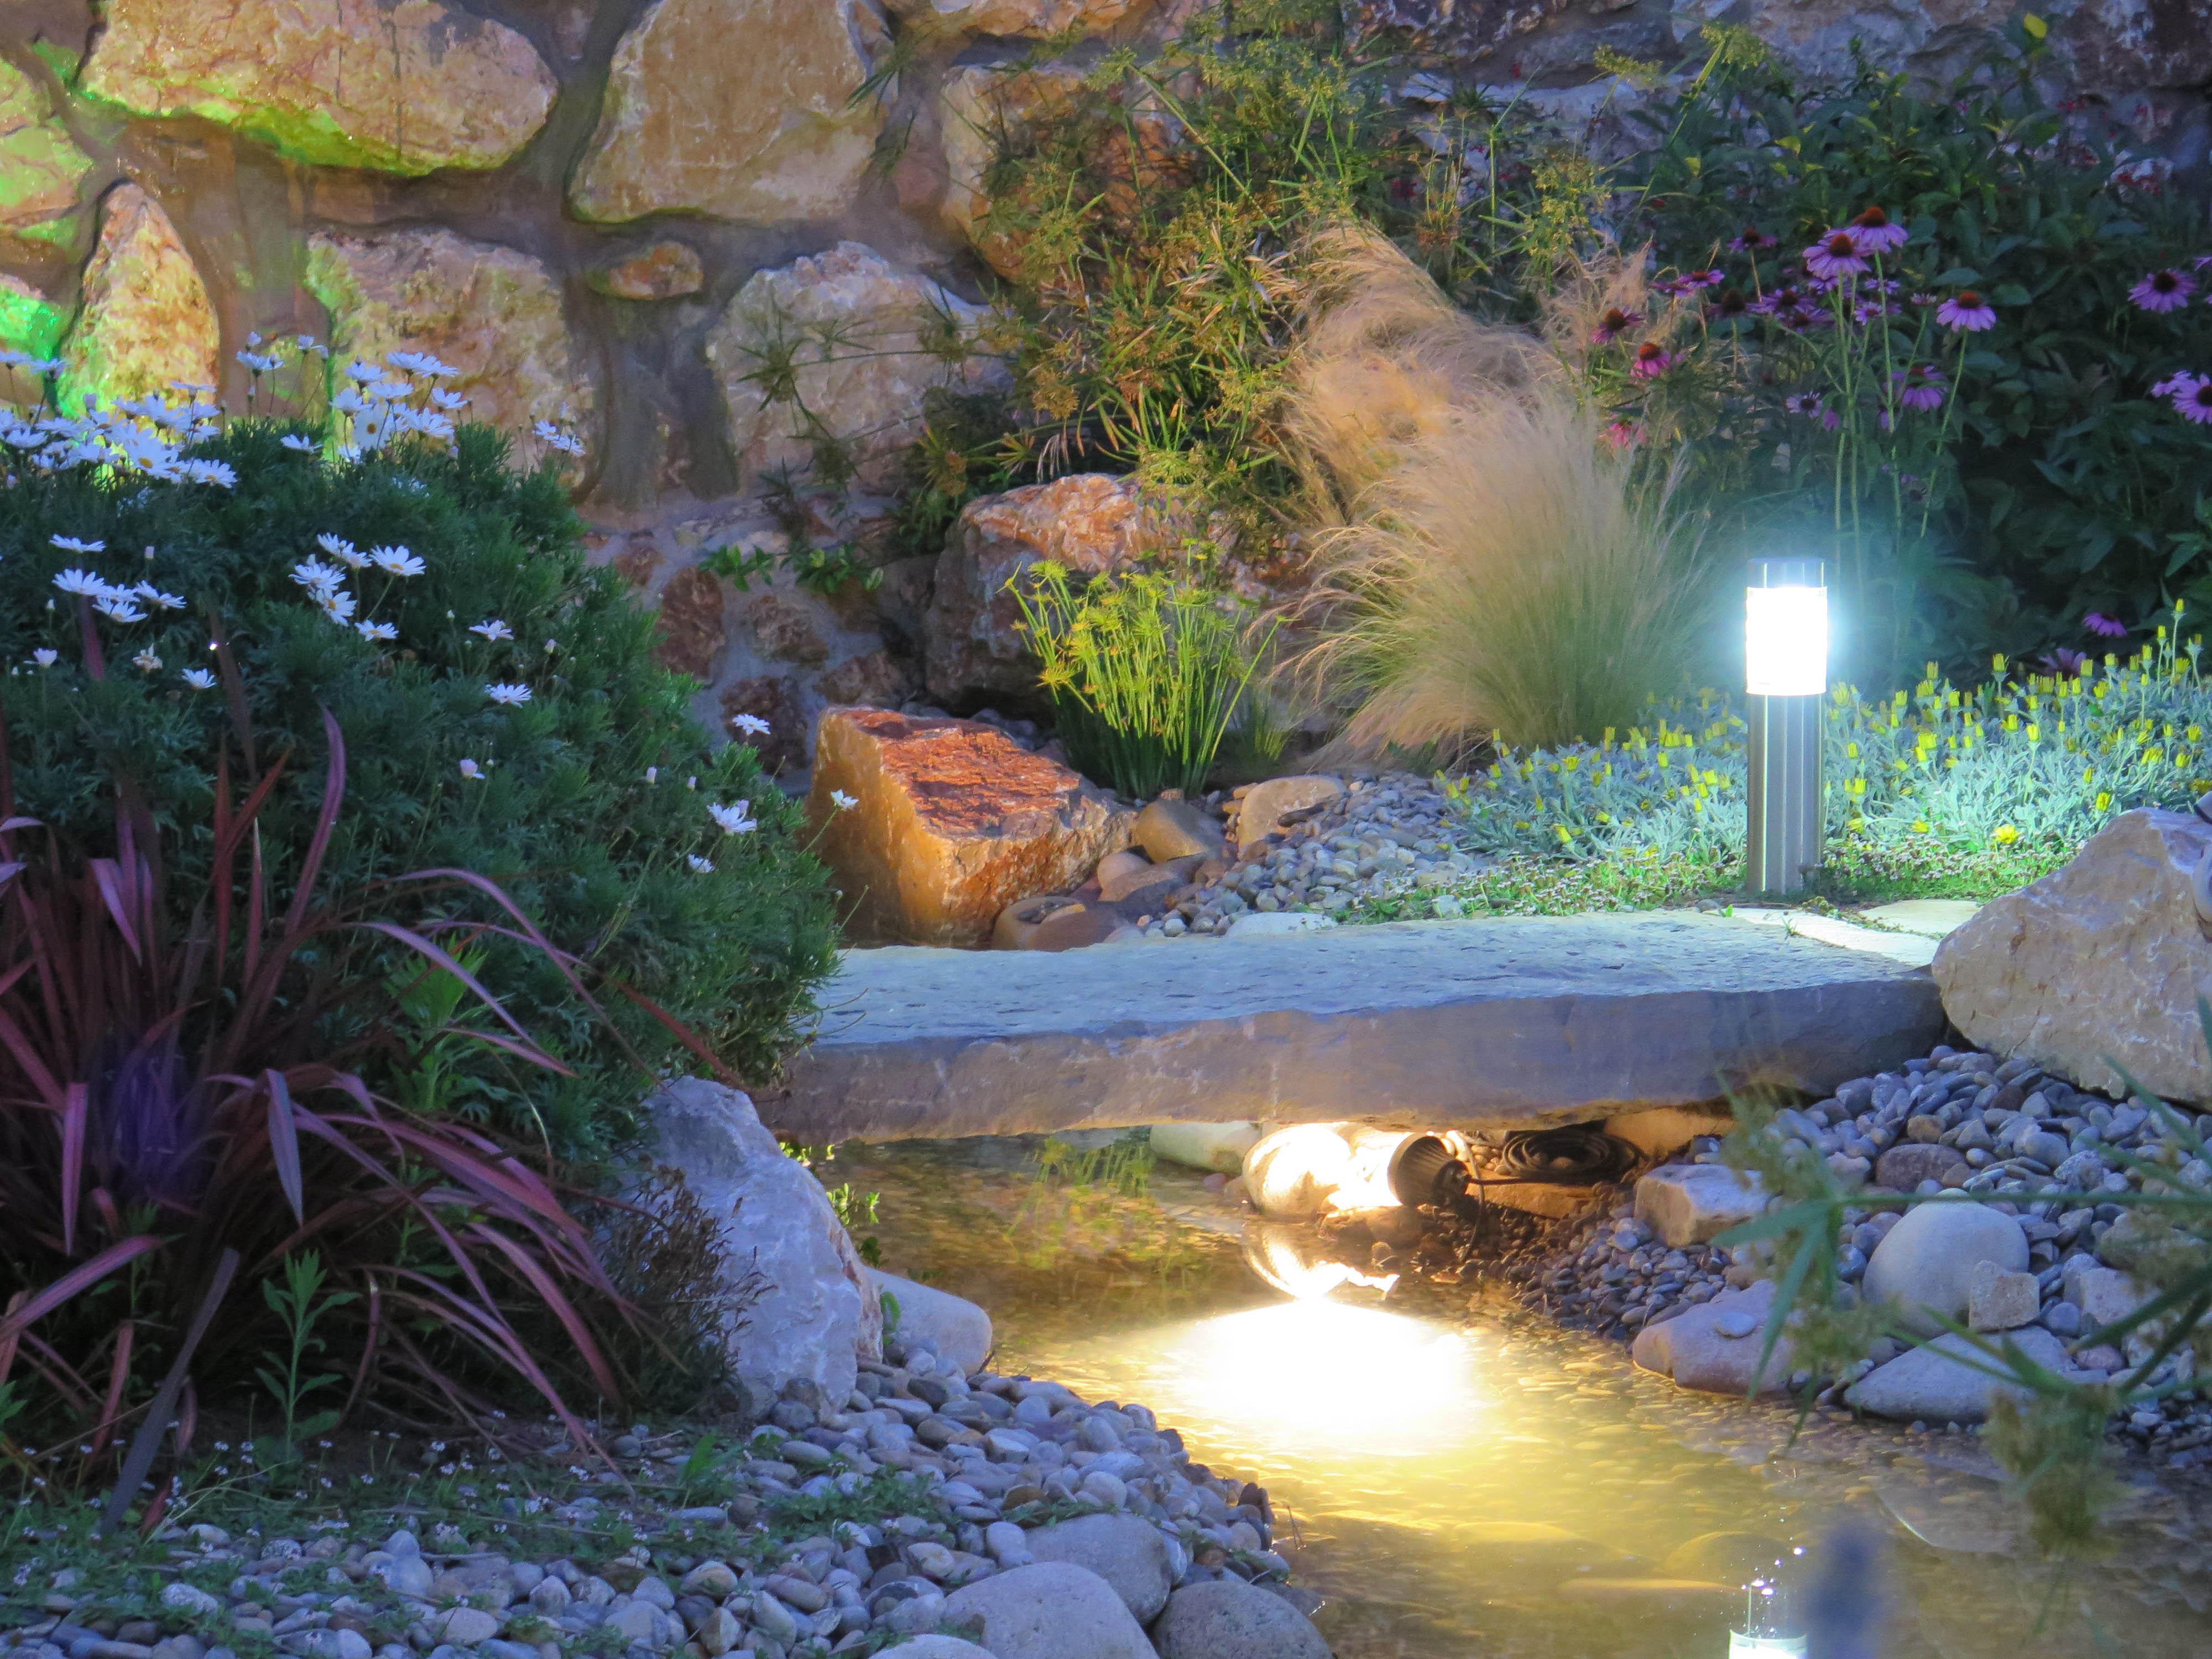 Sistemas de iluminaci n y sonido exterior landshaft for Peces para fuente exterior